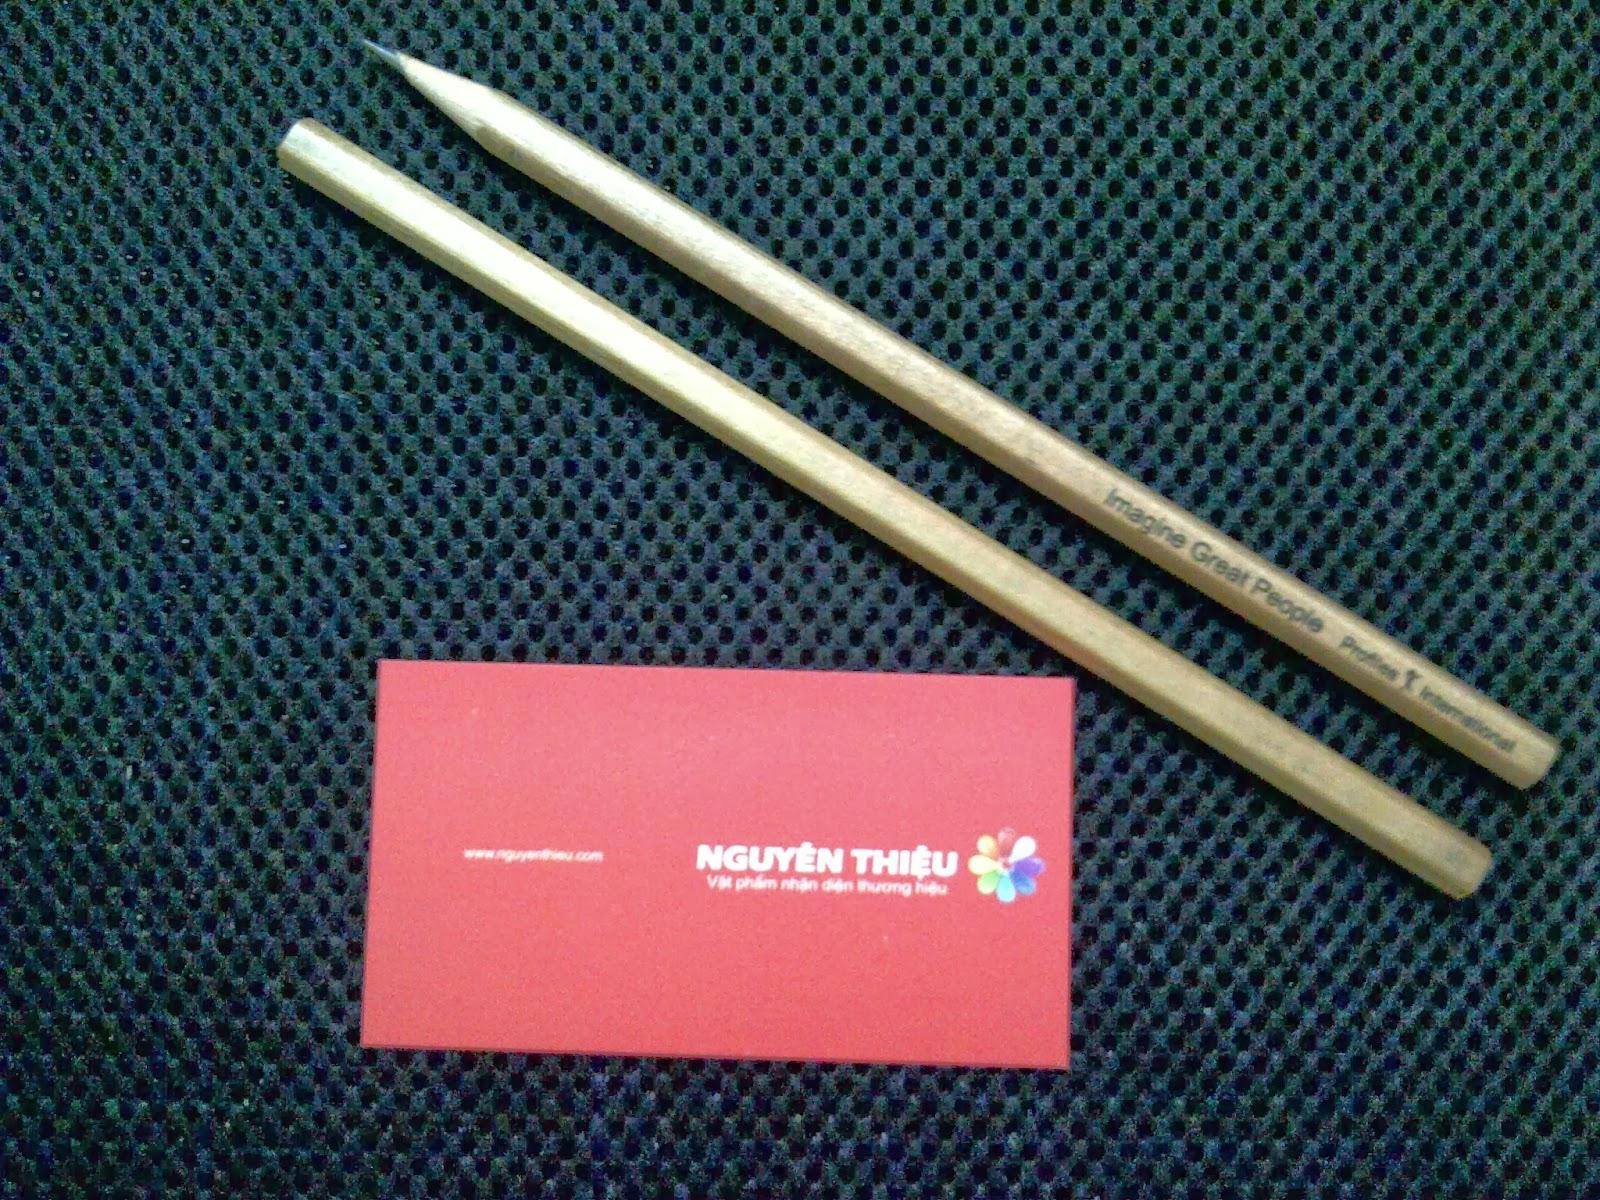 sản xuất bút chì màu gỗ tự nhiên